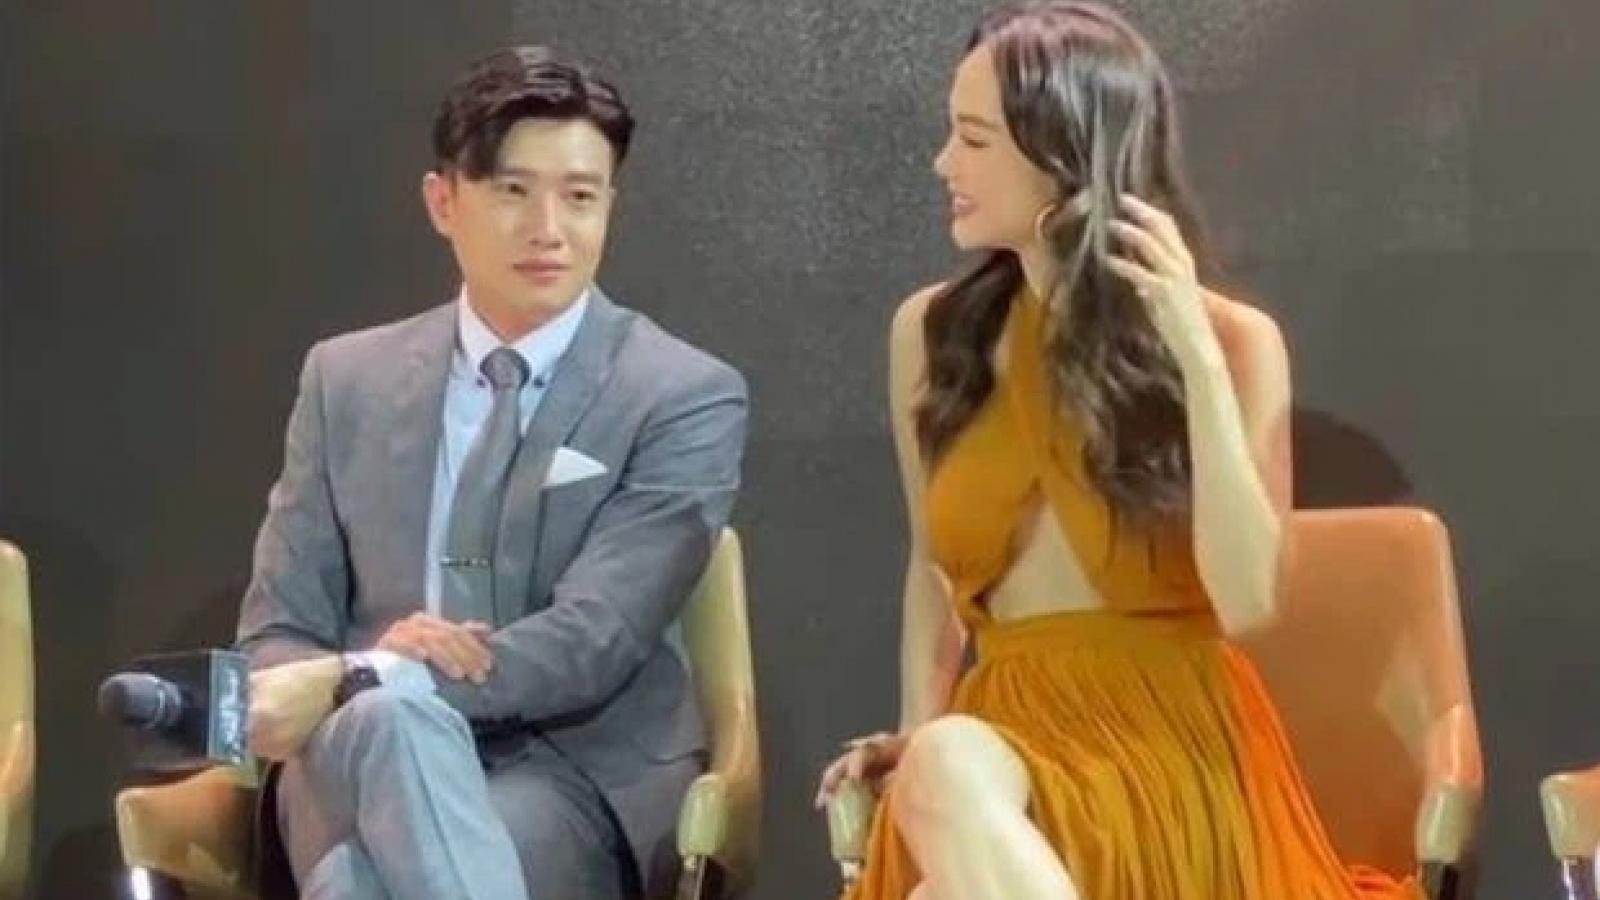 Chuyện showbiz: Quốc Trường và Minh Hằng vướng nghi vấn hẹn hò